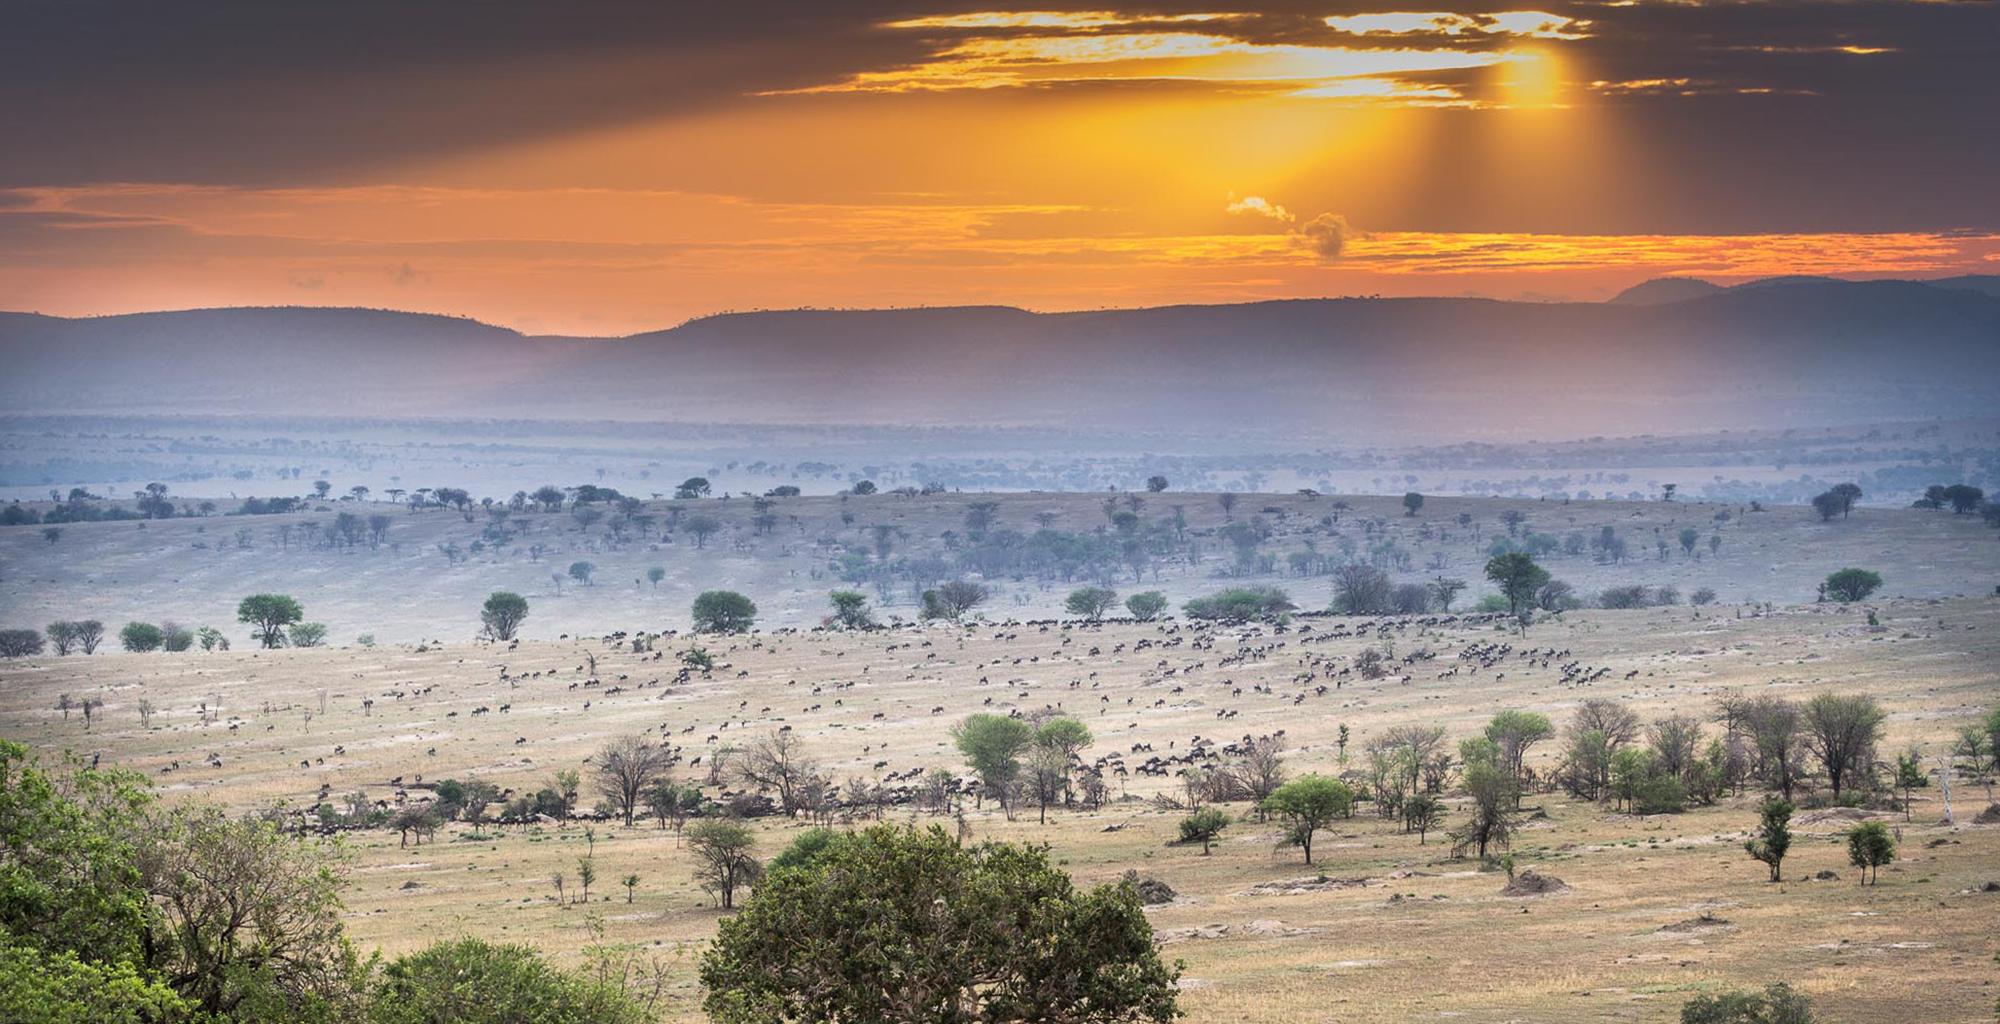 Tanzania-Landscape-Sunset